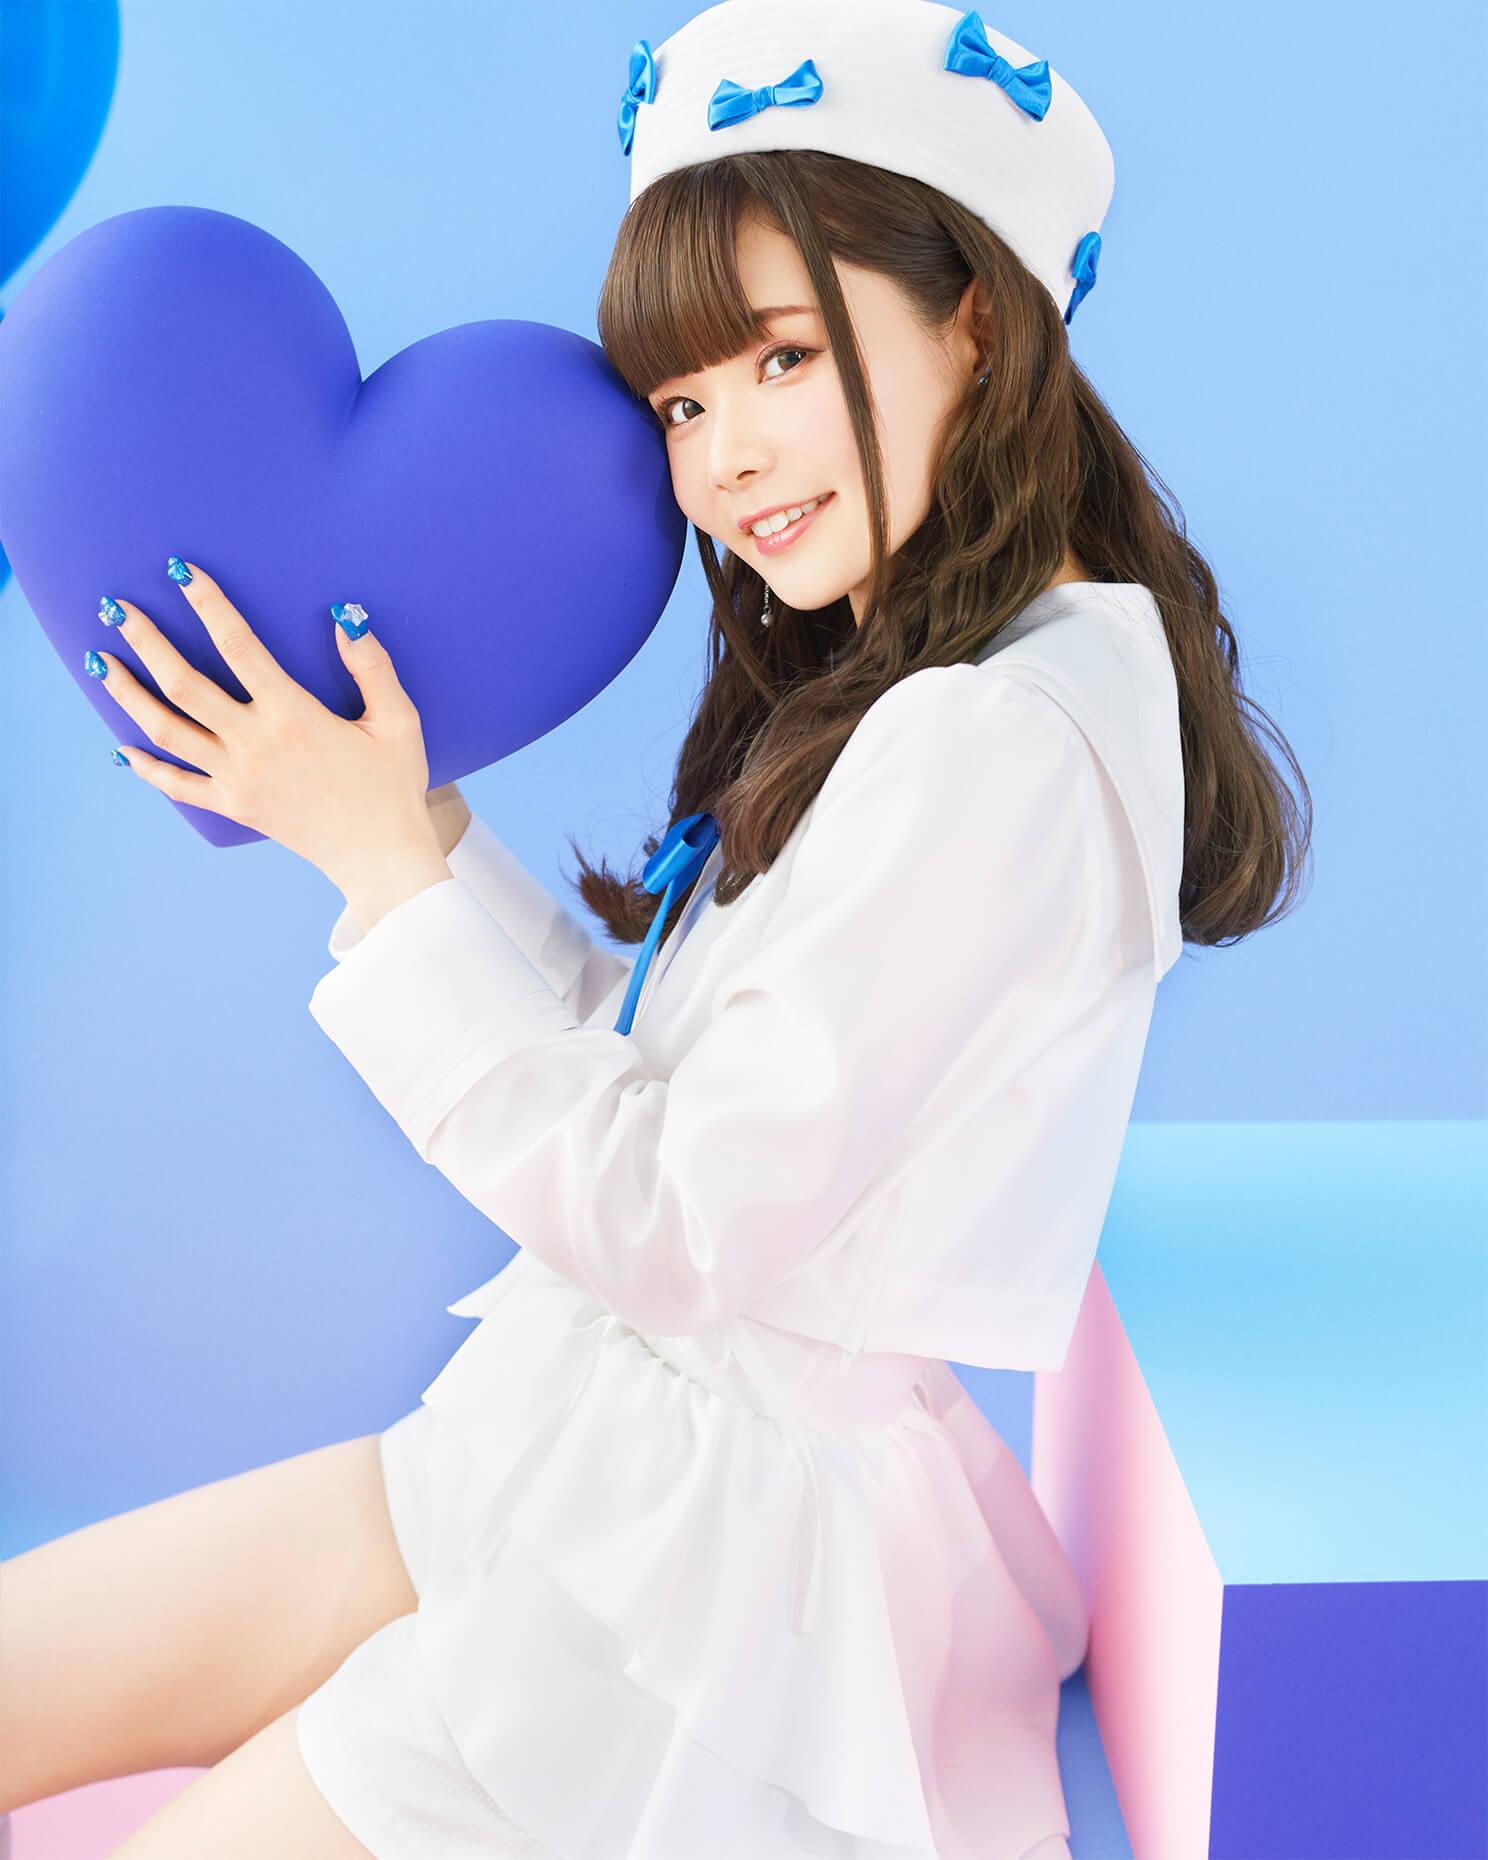 「ノン子とのび太のアニメスクランブル」4月21日(水)放送に諏訪ななかさんがゲスト出演!